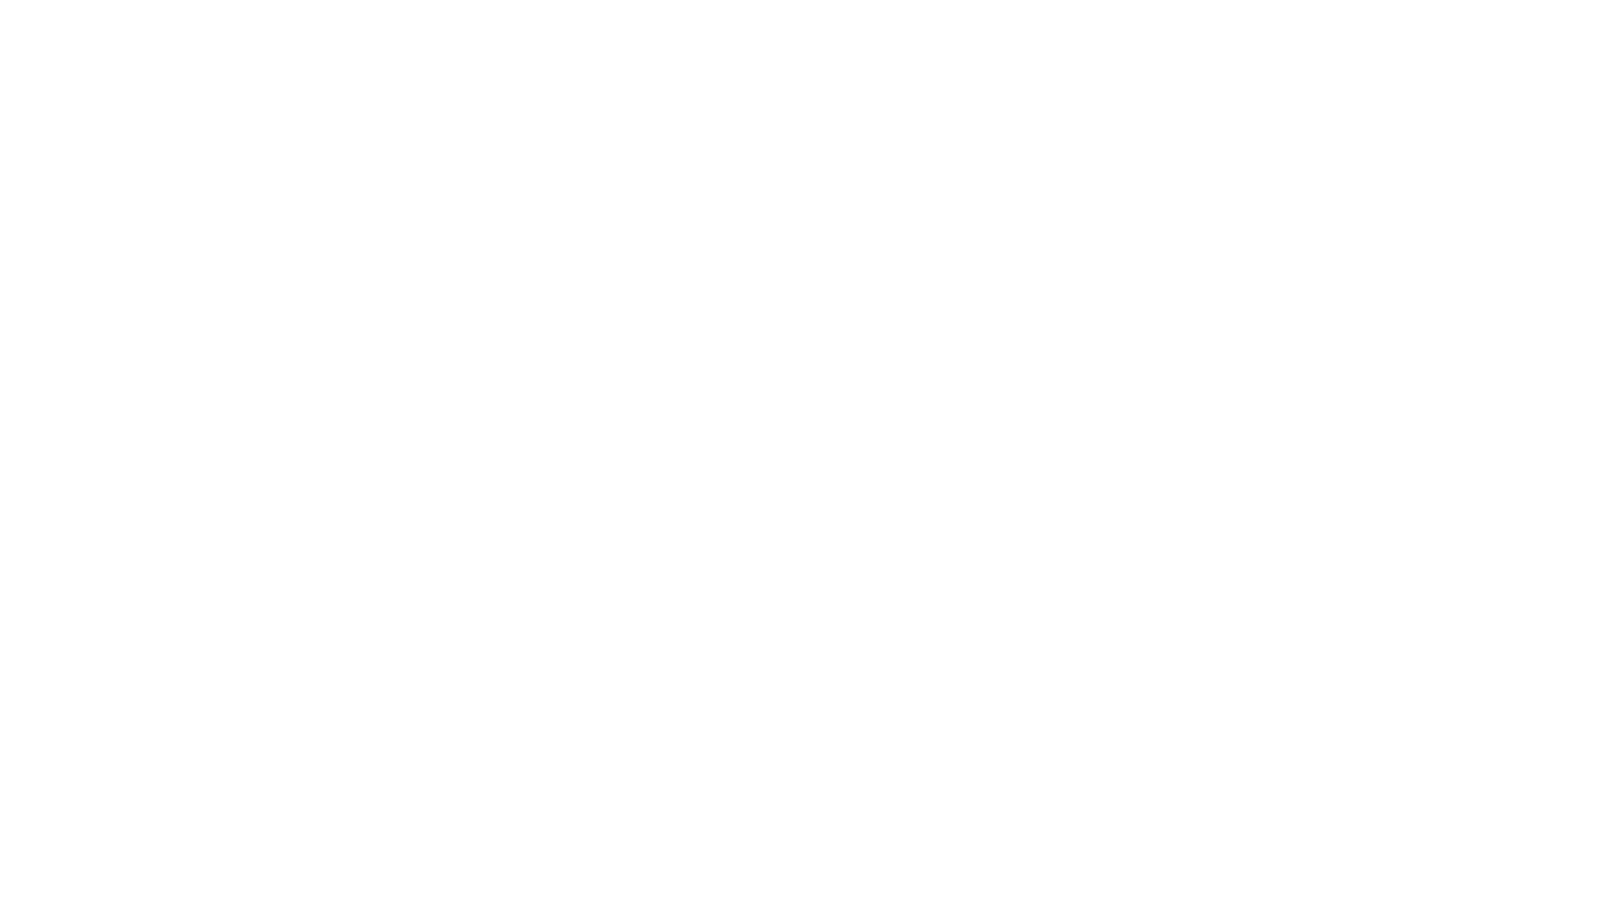 Questo breve video illustra come è veloce e semplice installare il radiatore sul comodo basamento su rotelle. Con il basamento è possibile evitare di fissare il radiatore a parete e renderlo trasportabile in qualsiasi ambiente.  Acquista il tuo radiatore su: https://www.riscaldamentoelettriconorvegese.it/negozio/